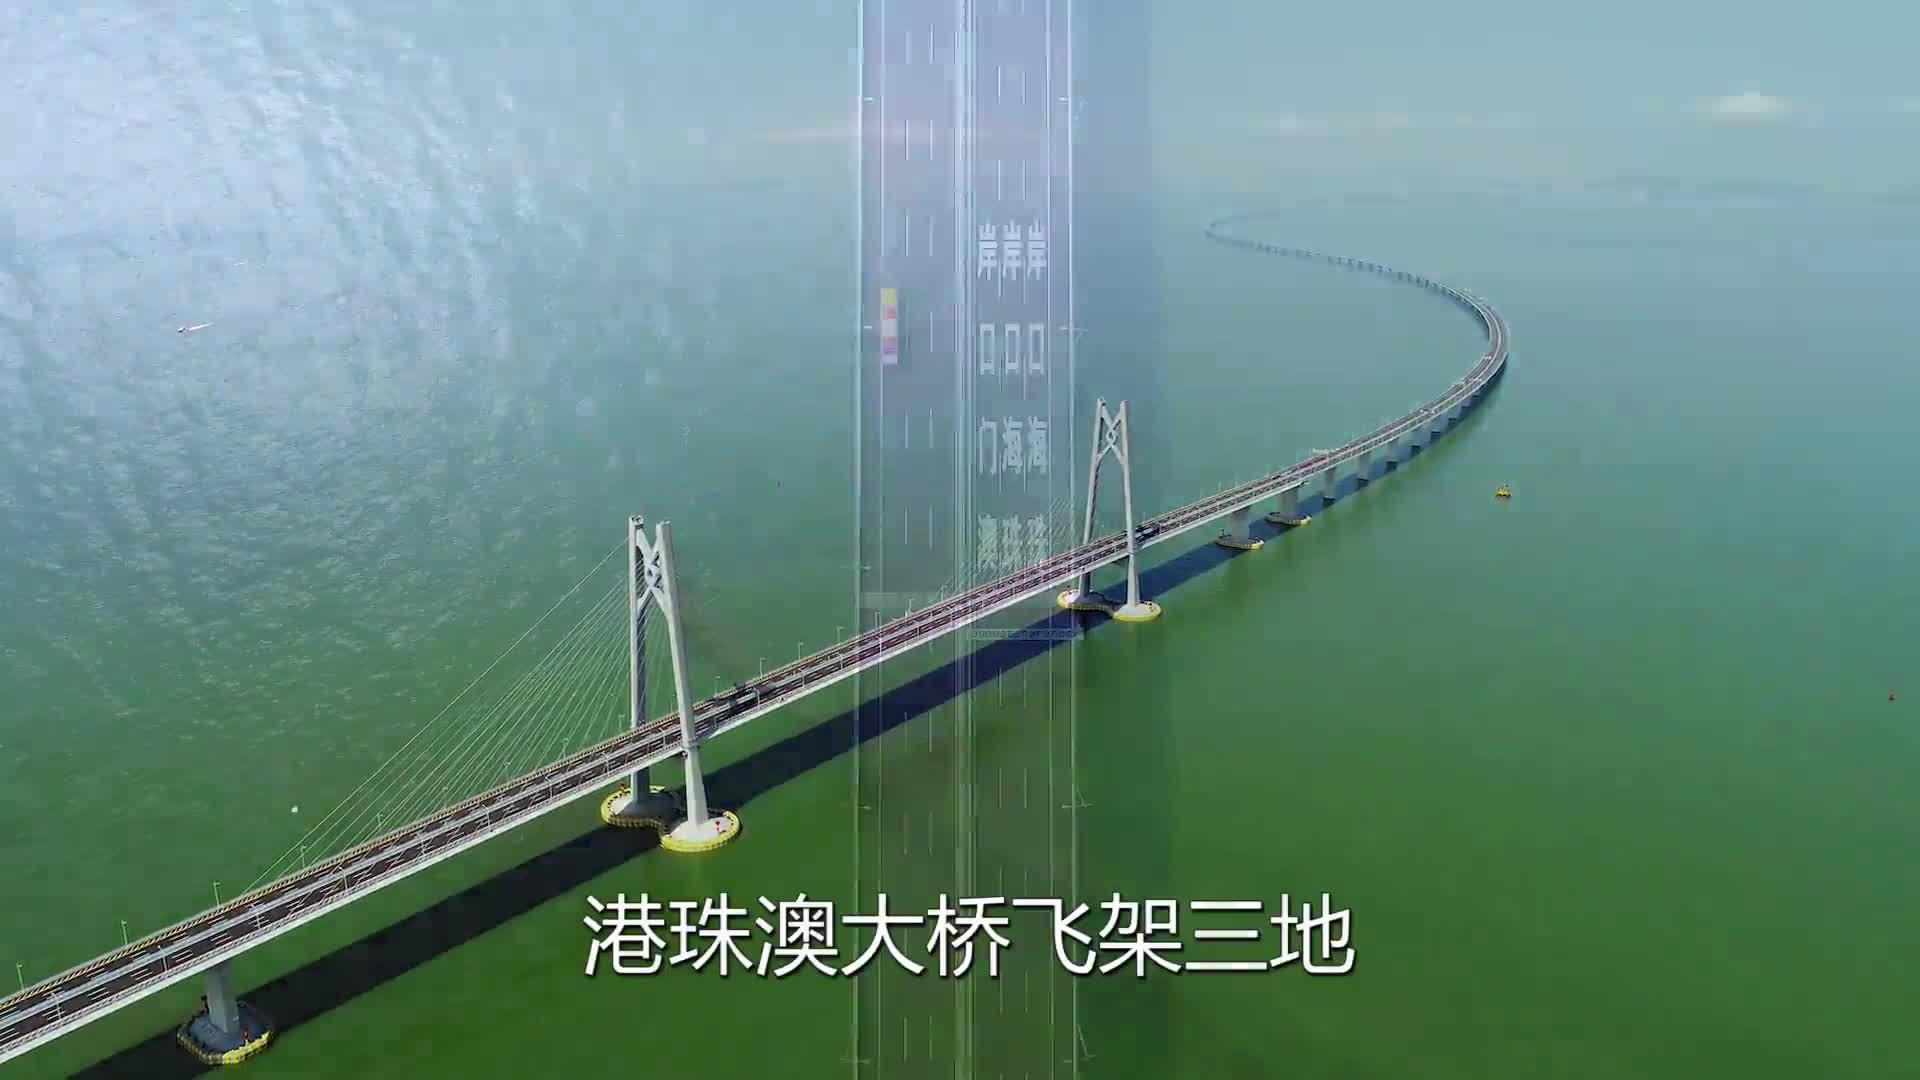 [视频]回首2018,展望2019,习近平主席这样说